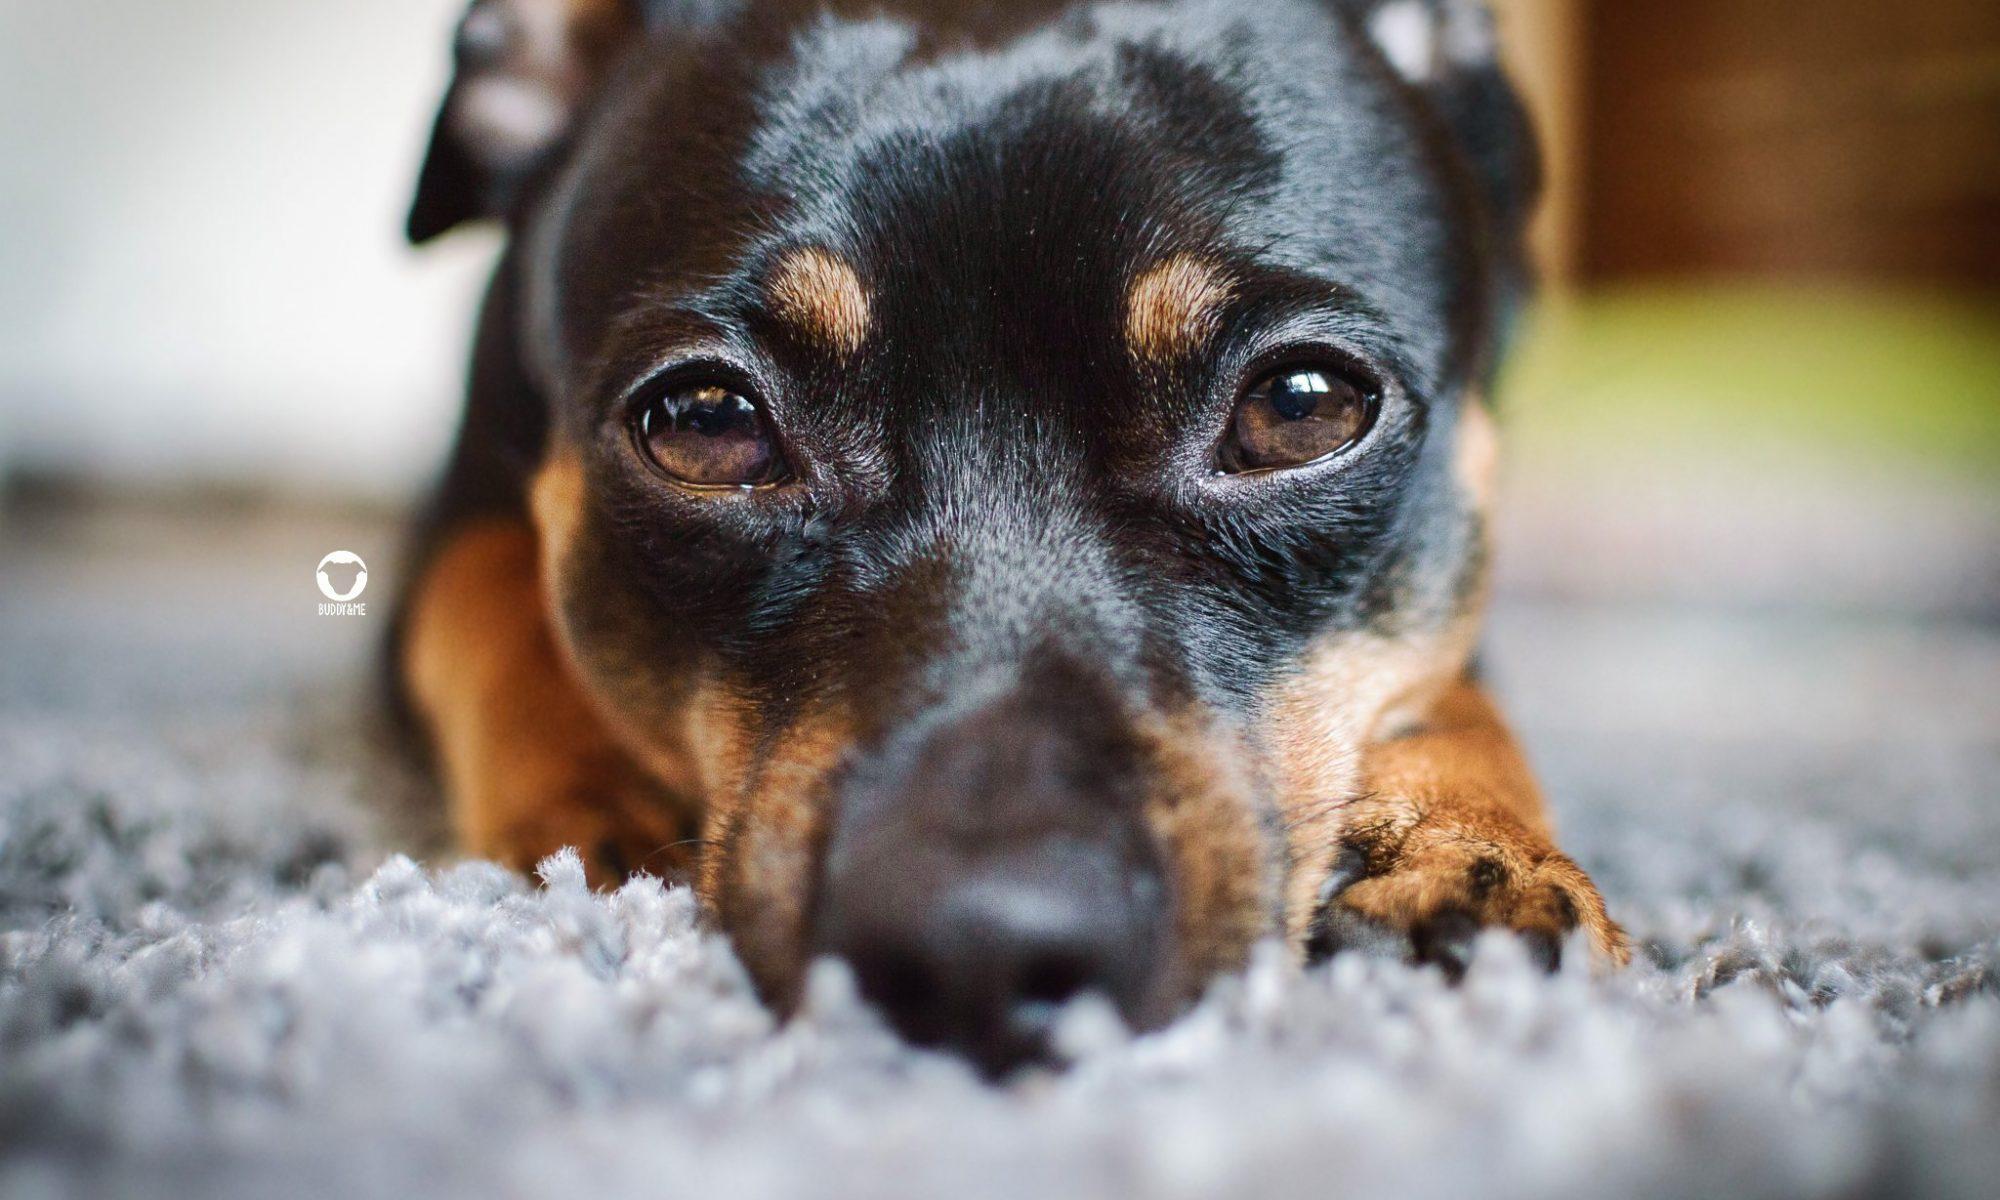 Pinscher Buddy, Buddy and Me, Hundeblog, Dogblog, kranker Hund, Durchfall, Magen-Darm-Infekt, Tierarzt, Gesund werden